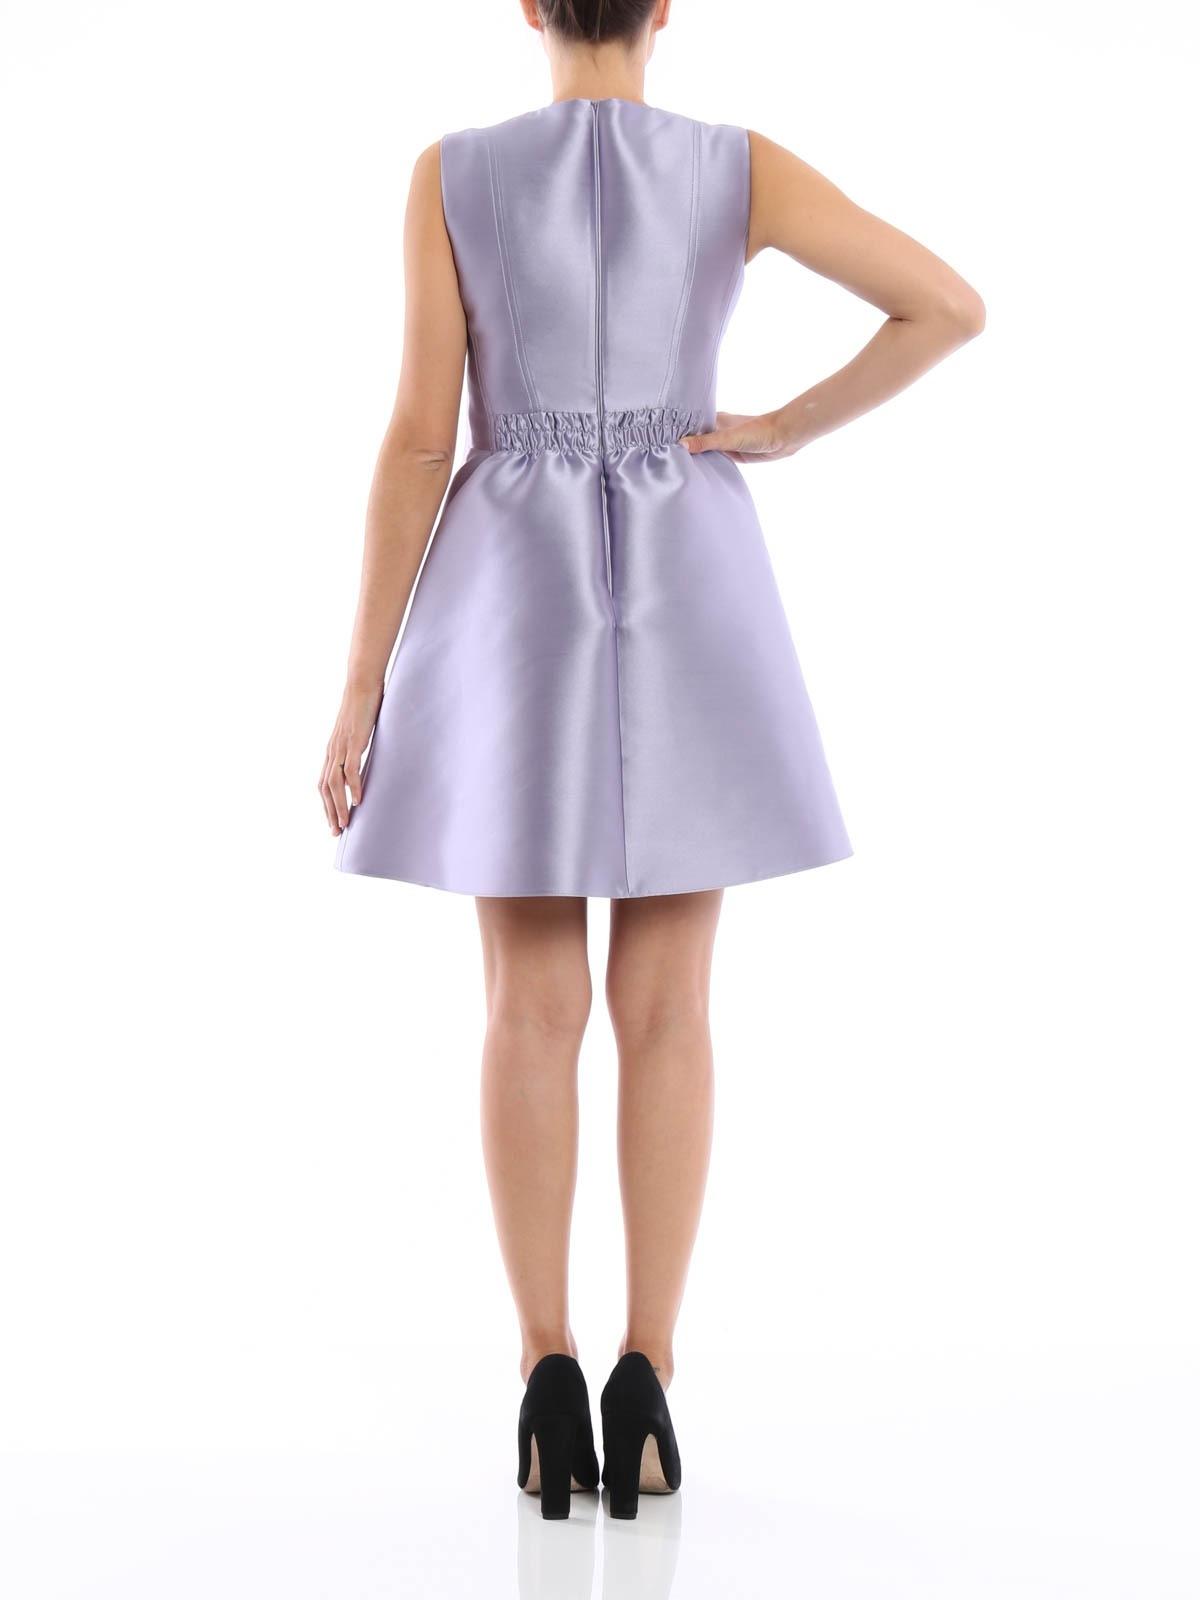 15 Luxurius Kleid Mit Glockenrock SpezialgebietDesigner Genial Kleid Mit Glockenrock für 2019